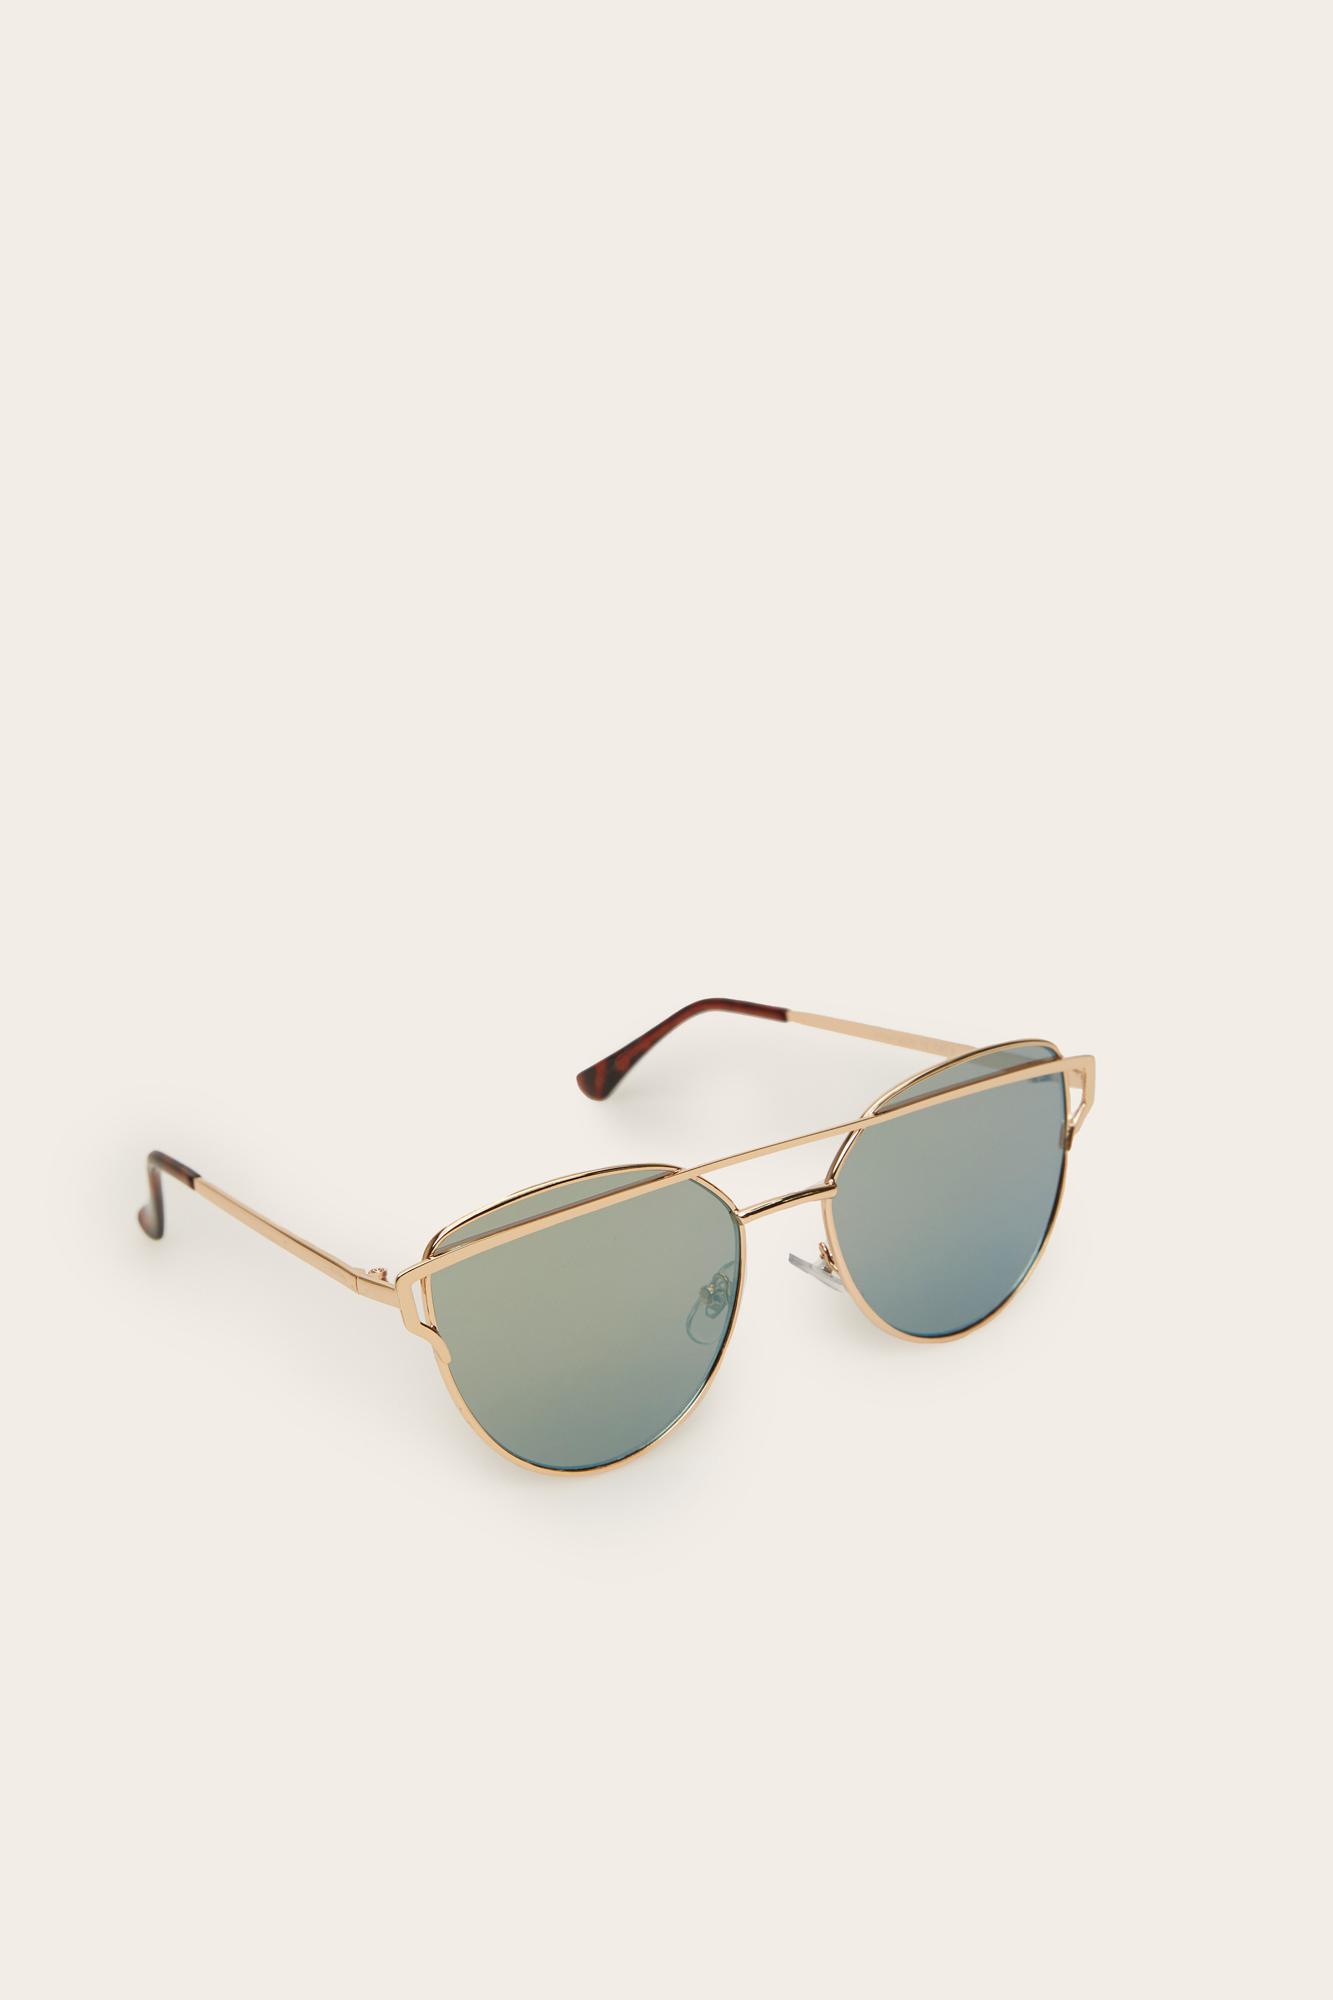 Gafas sol aviador | Bisutería y gafas de sol | Women'secret